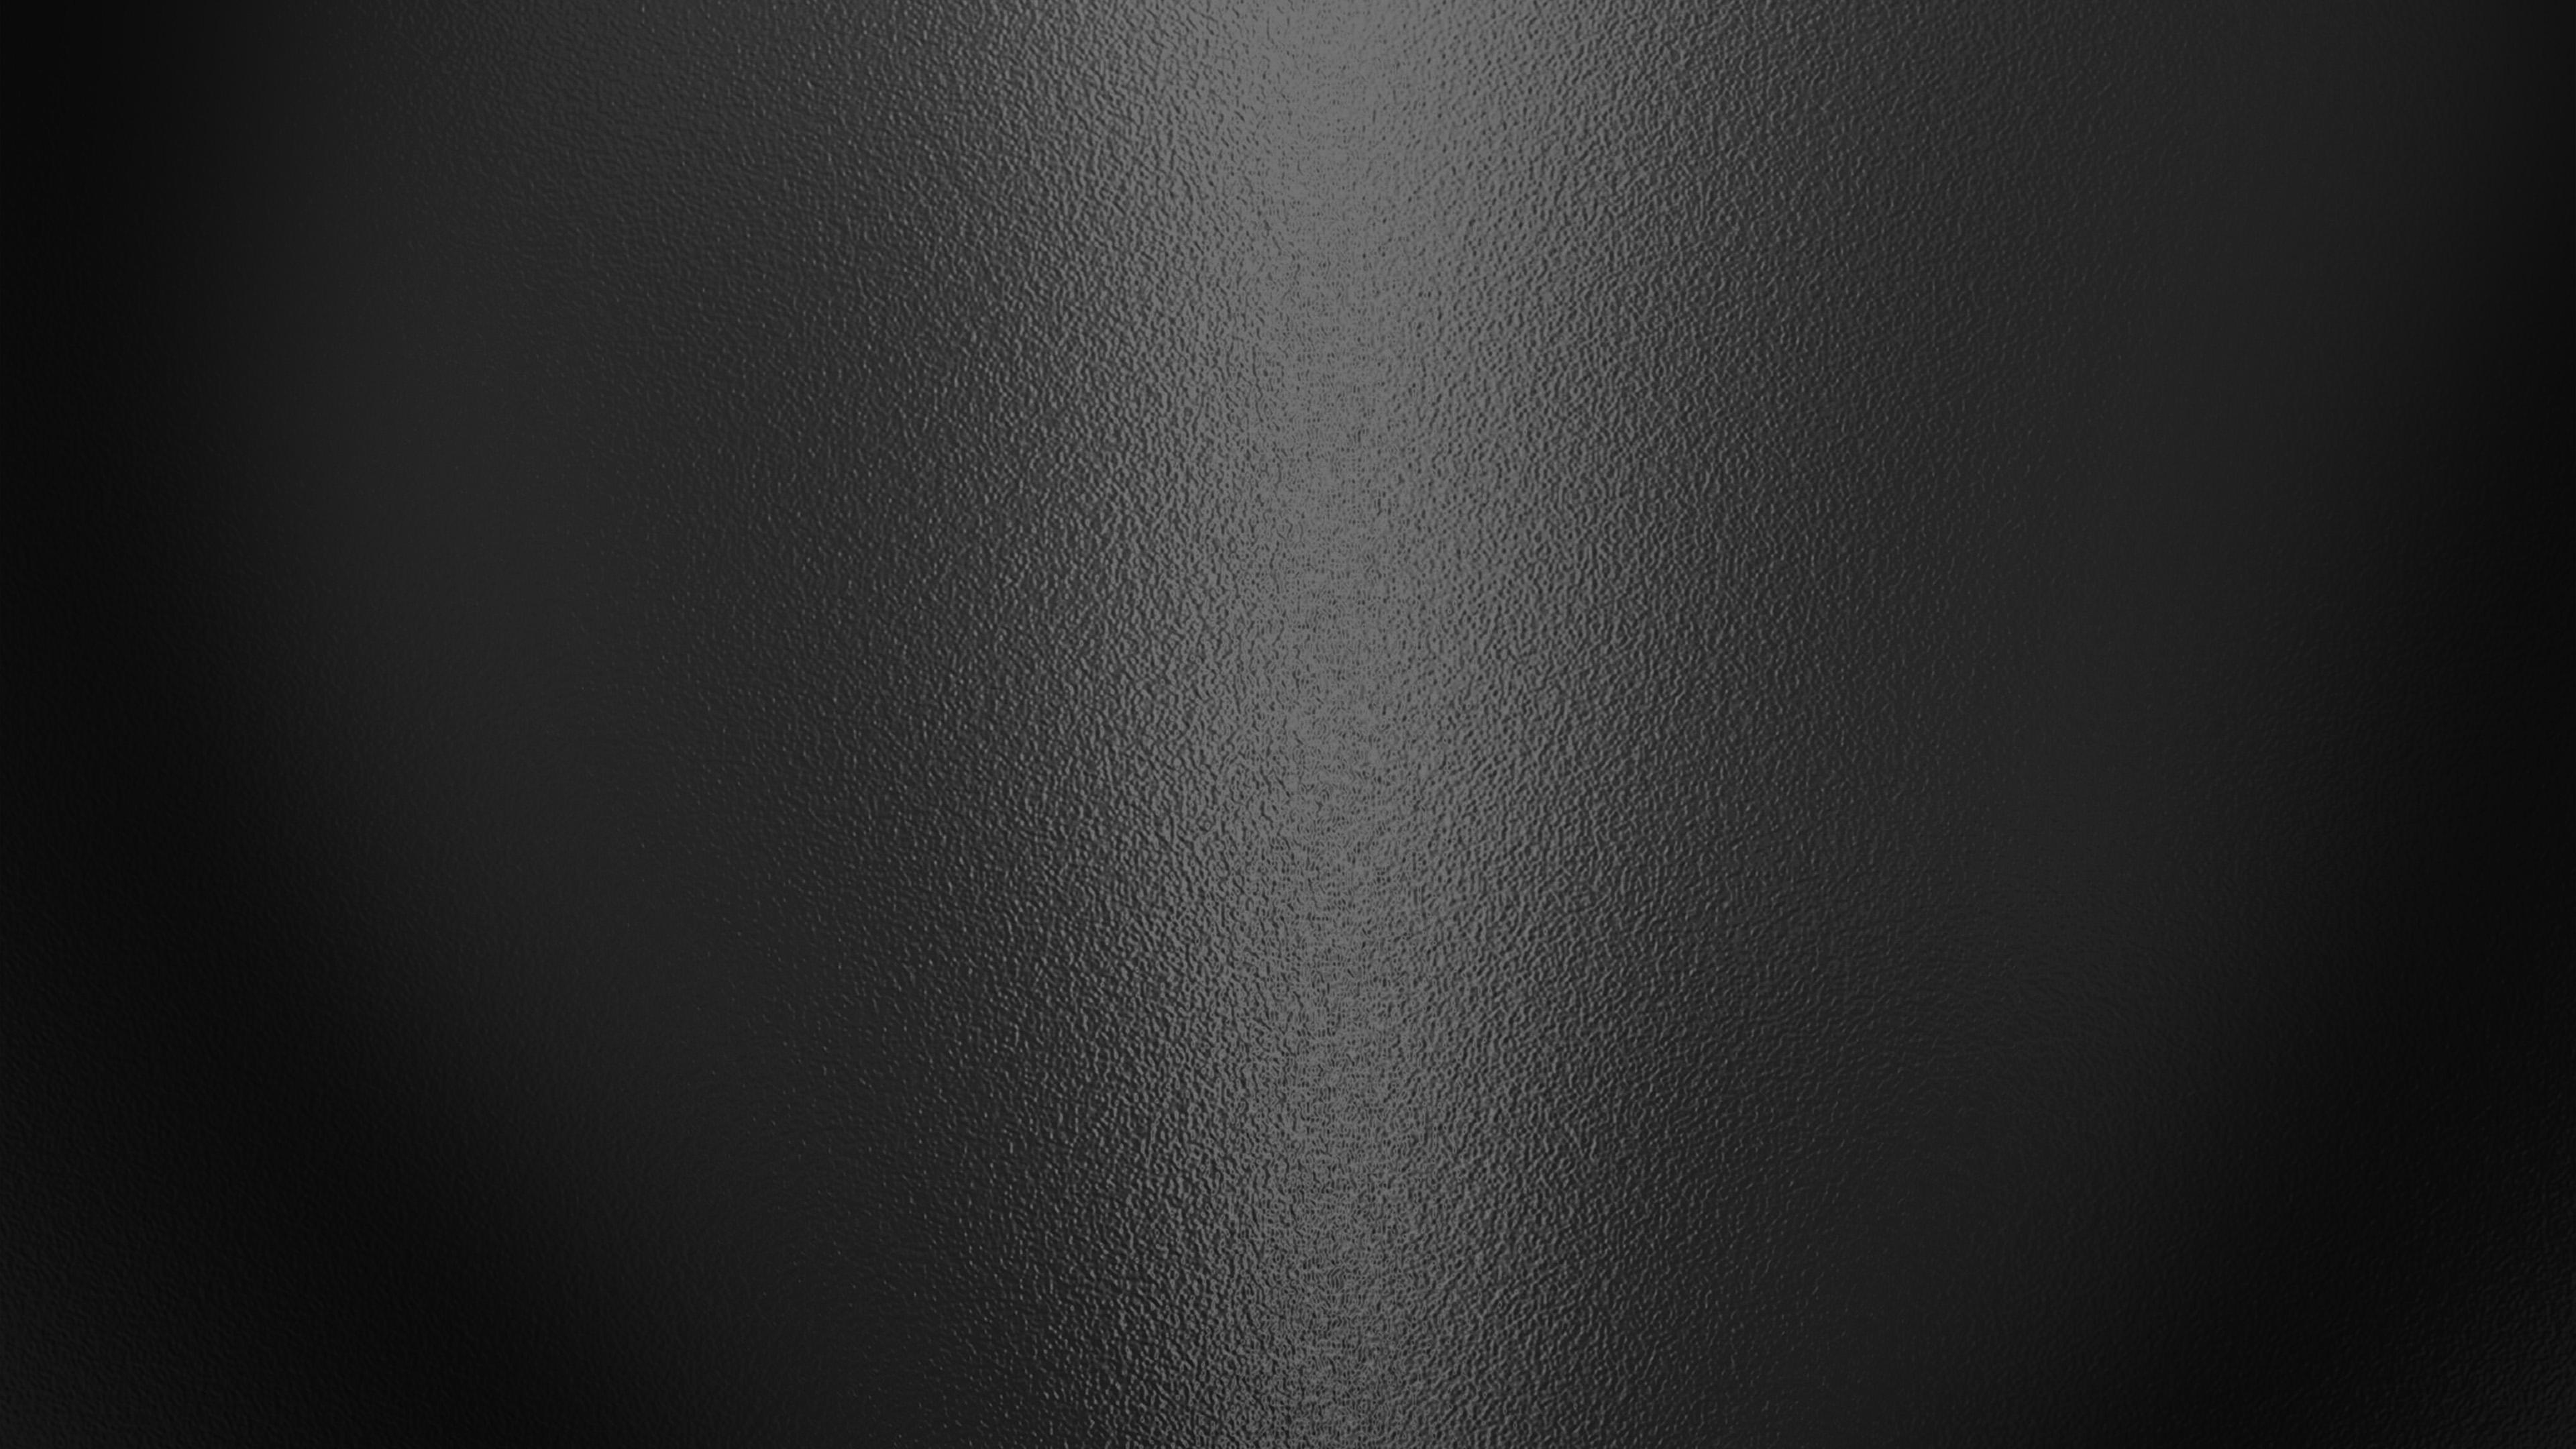 Iphone X Star Wars Wallpaper 3840 X 2400